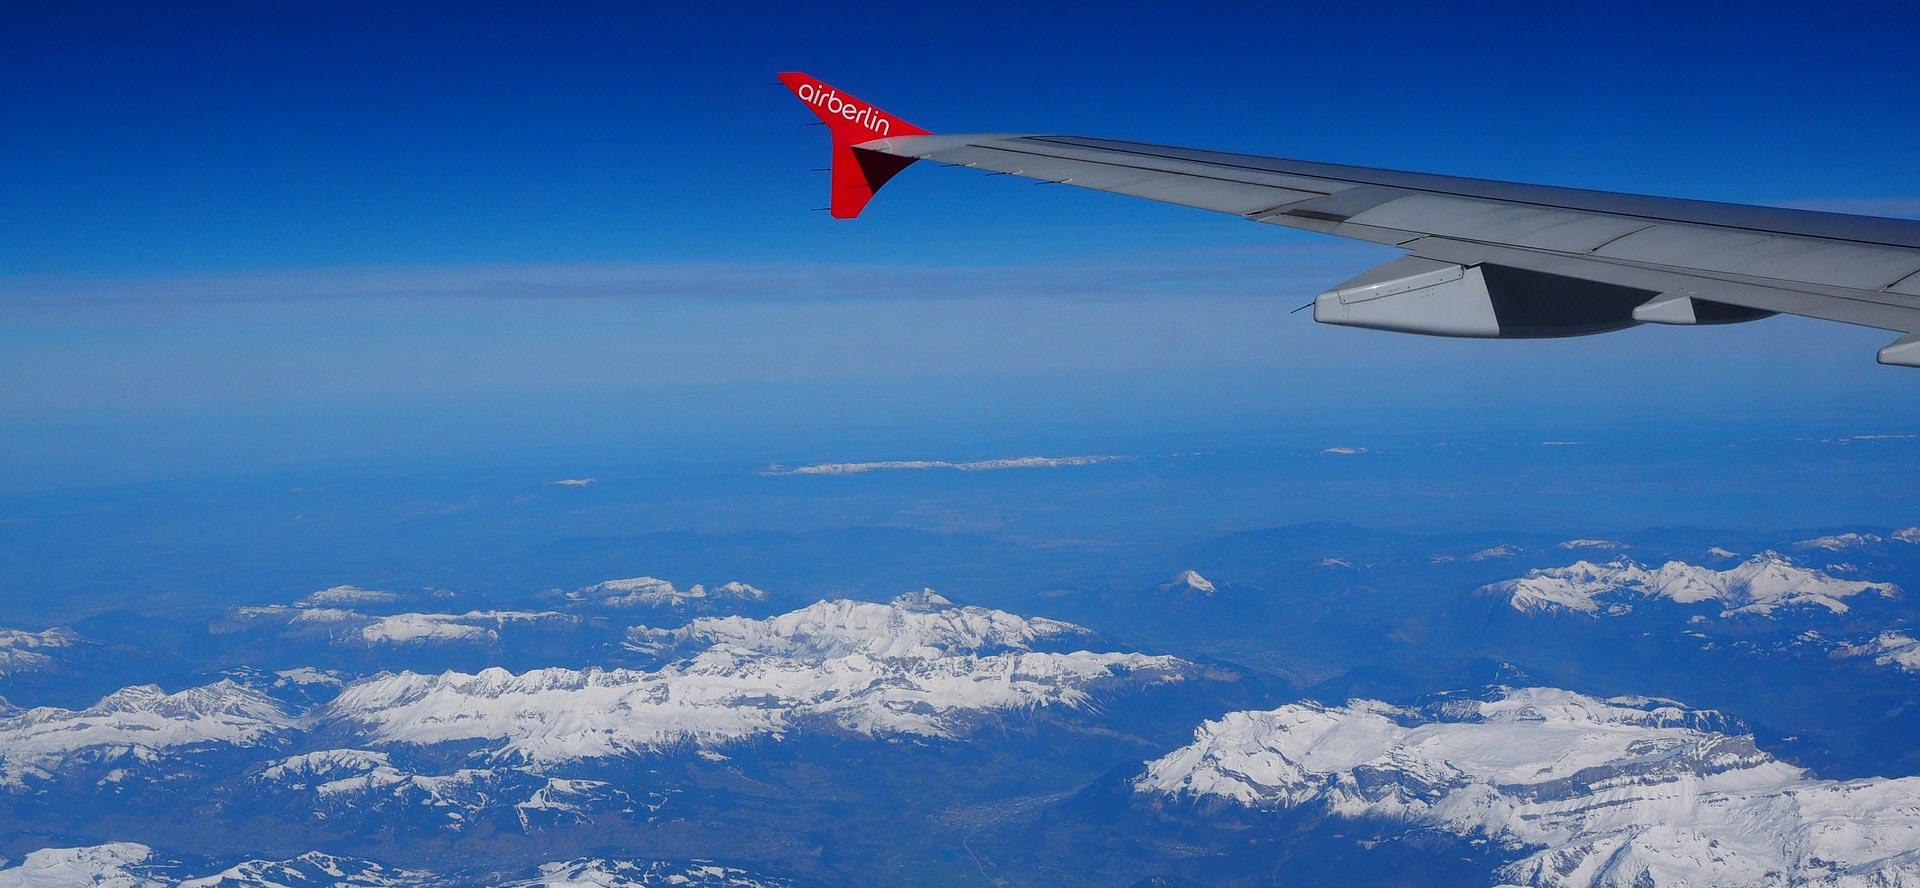 Wie hoch ist die Strahlenbelastung bei einem Flug?